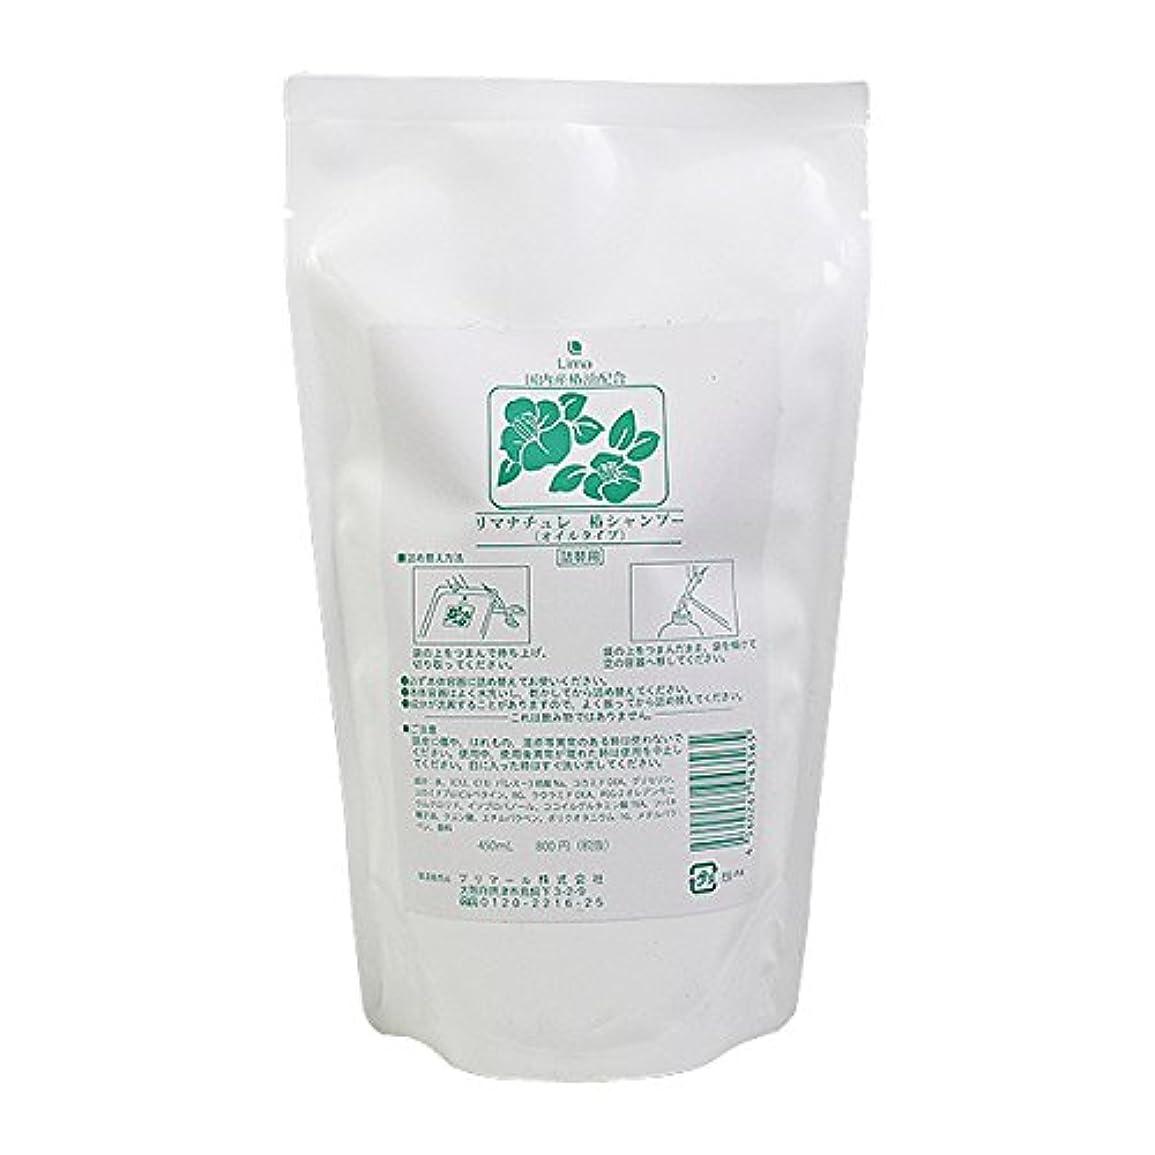 届ける気楽なマークリマナチュレ 椿シャンプー レフィル450ml